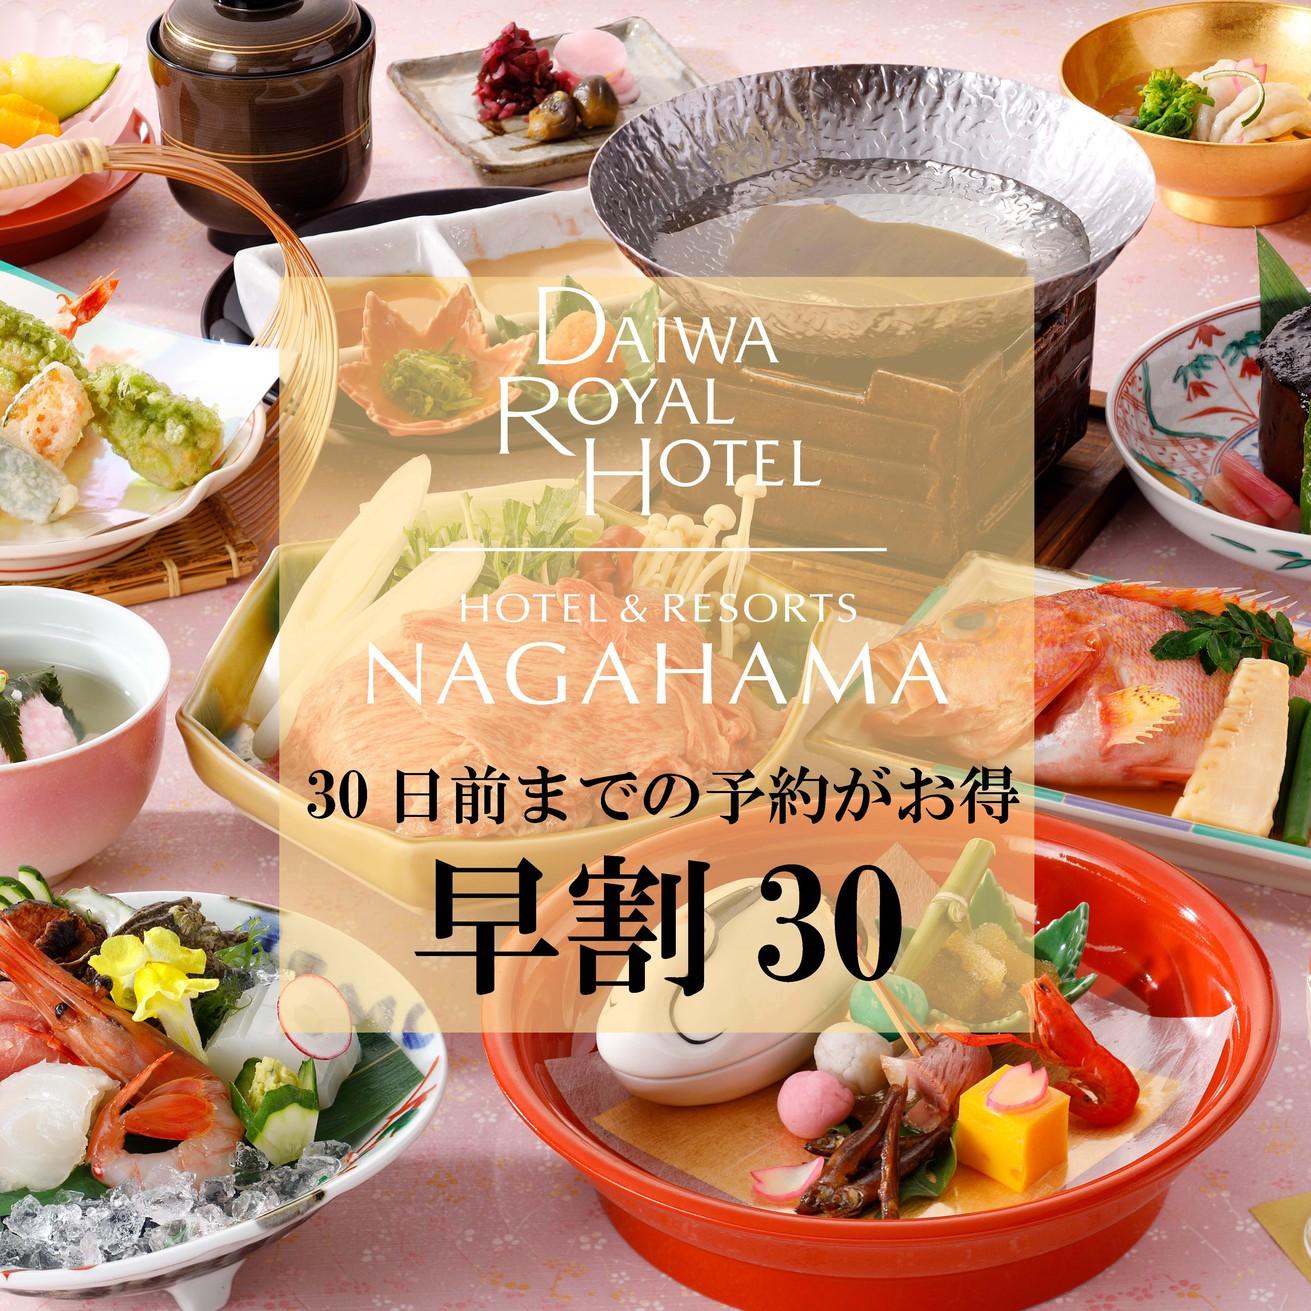 ■◎【30日前】◎早期予約がお得!お料理重視!日本料理を愉しむ〜夕・朝食付きプラン〜